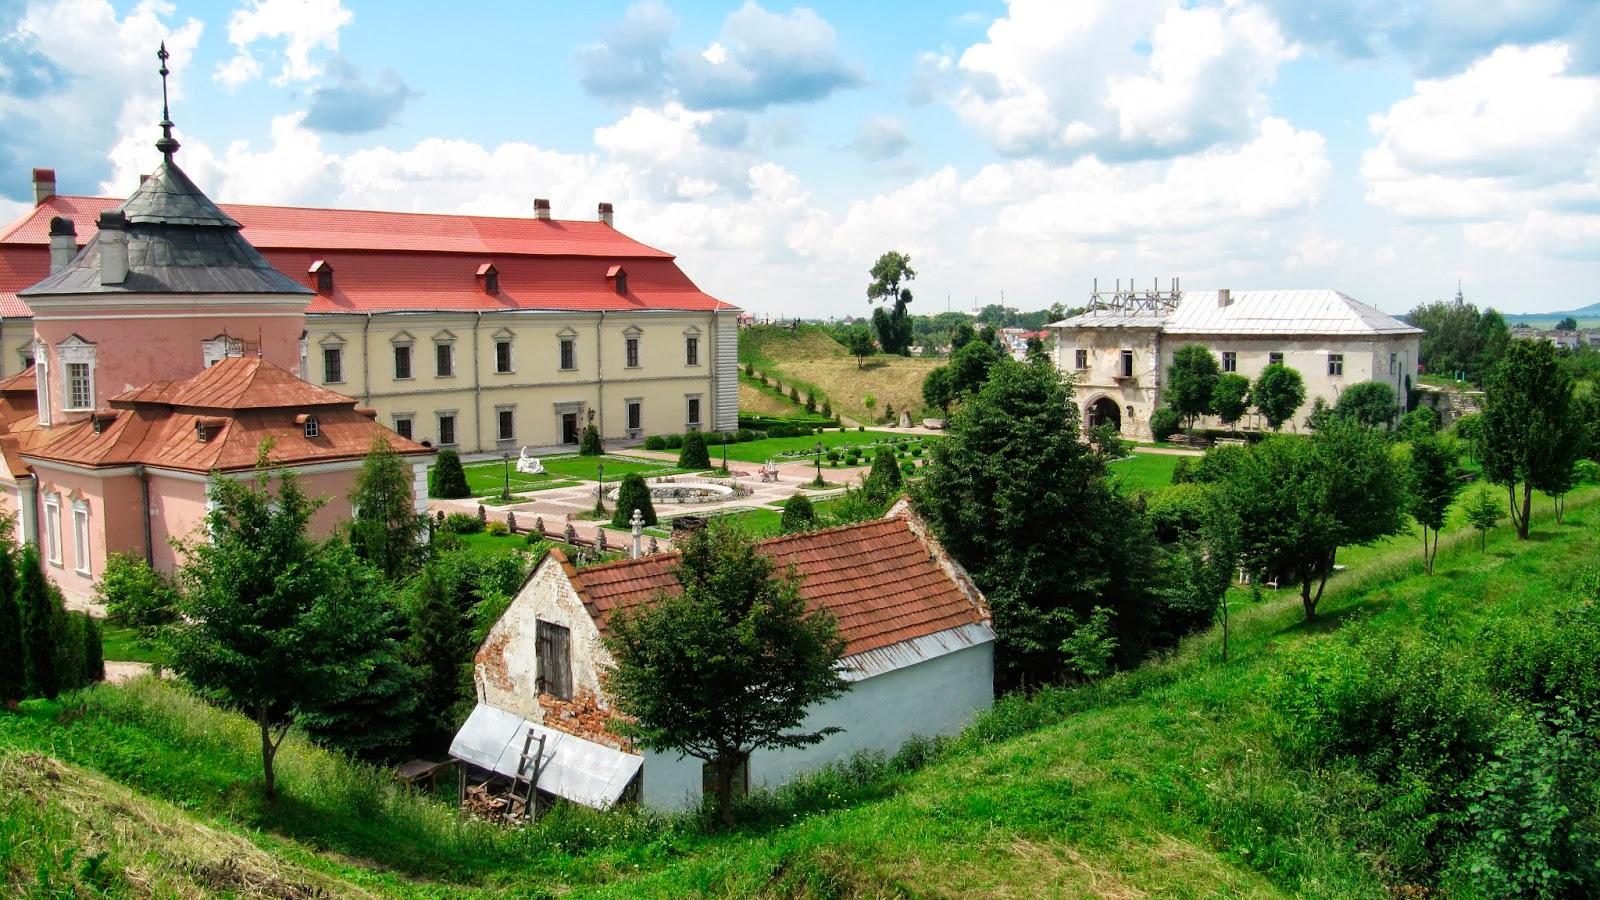 Украина золочев село зозули фото львовская обл